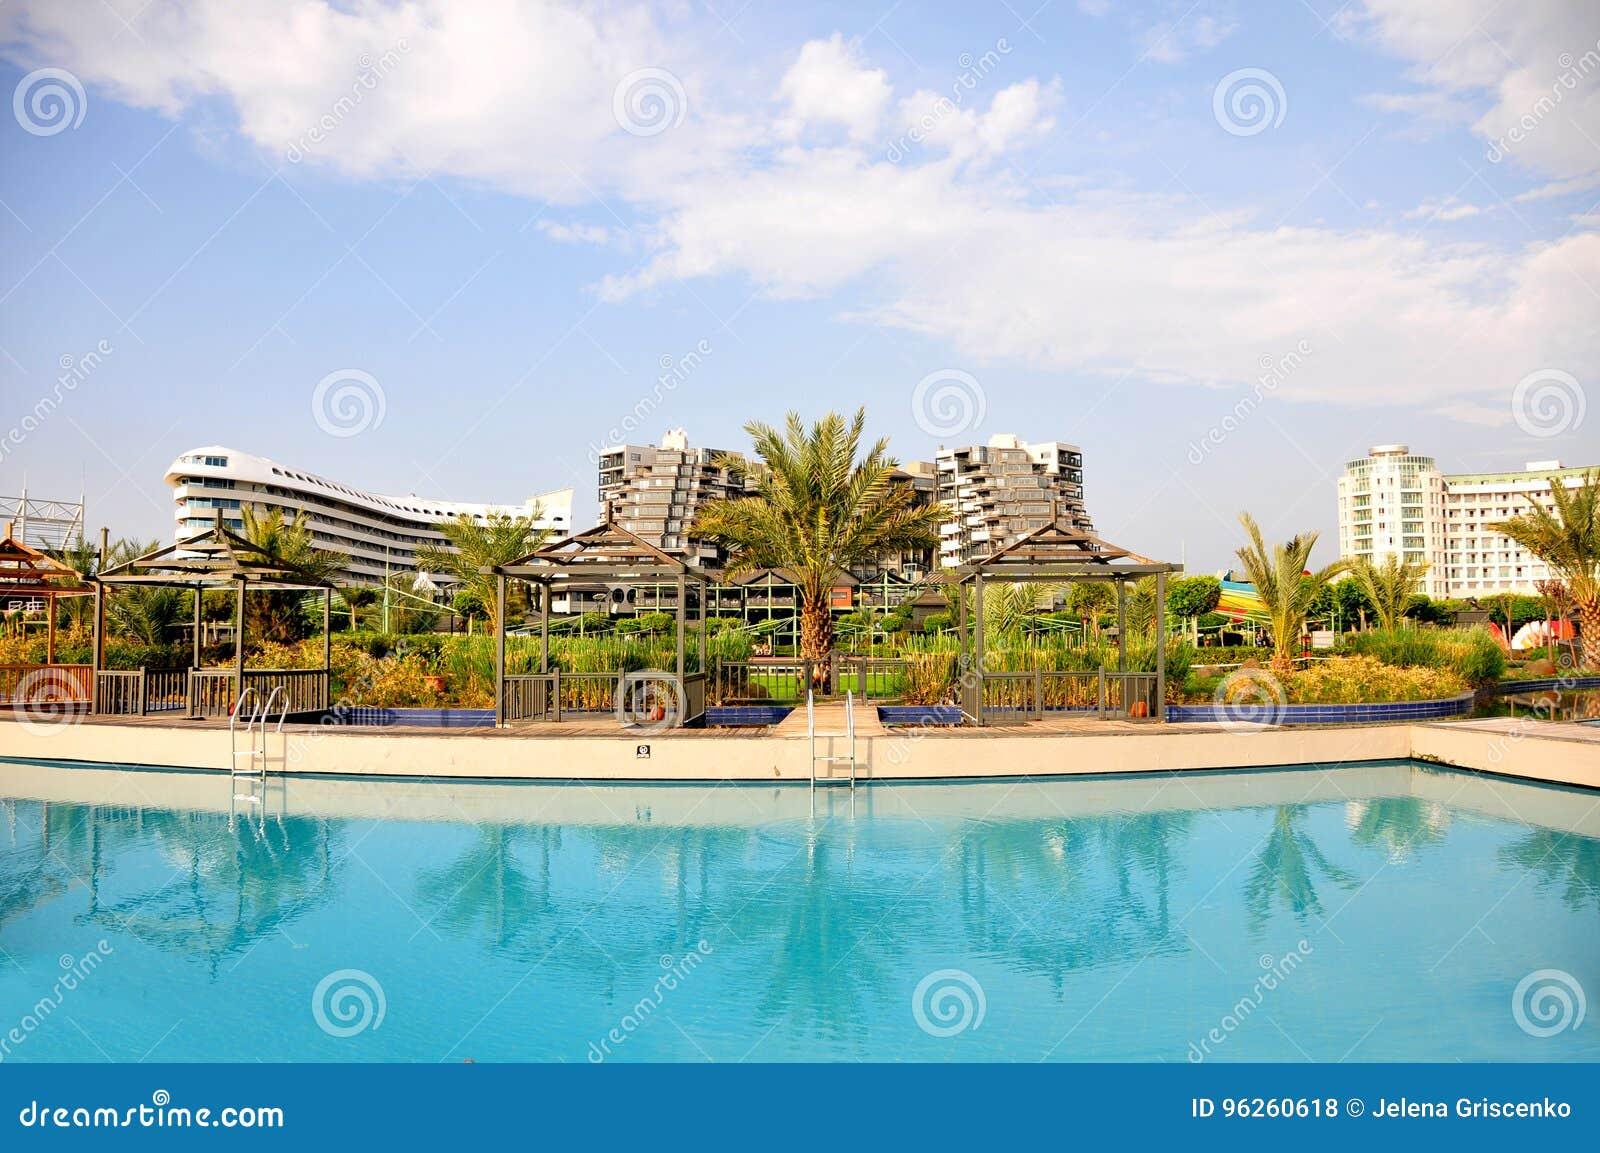 Взгляд к гостинице Limak Lara делюкс от бассейнов встает на сторону